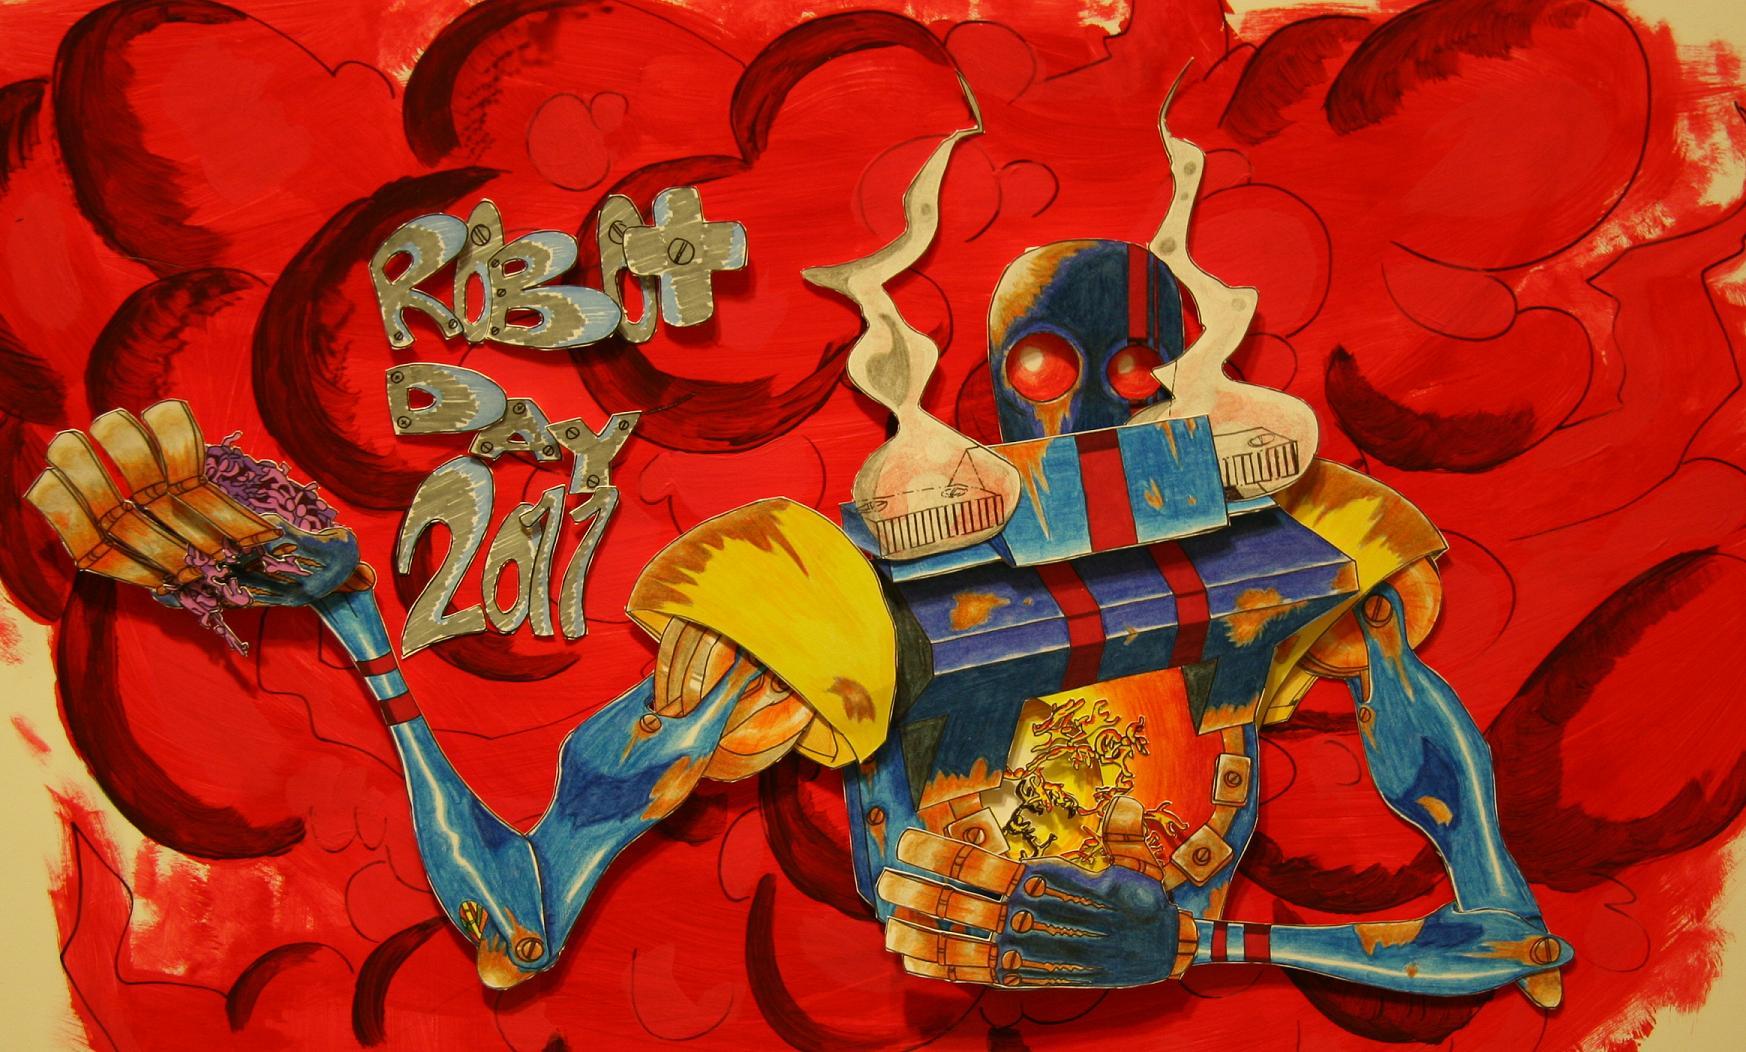 2D/3D Robot Day 2011